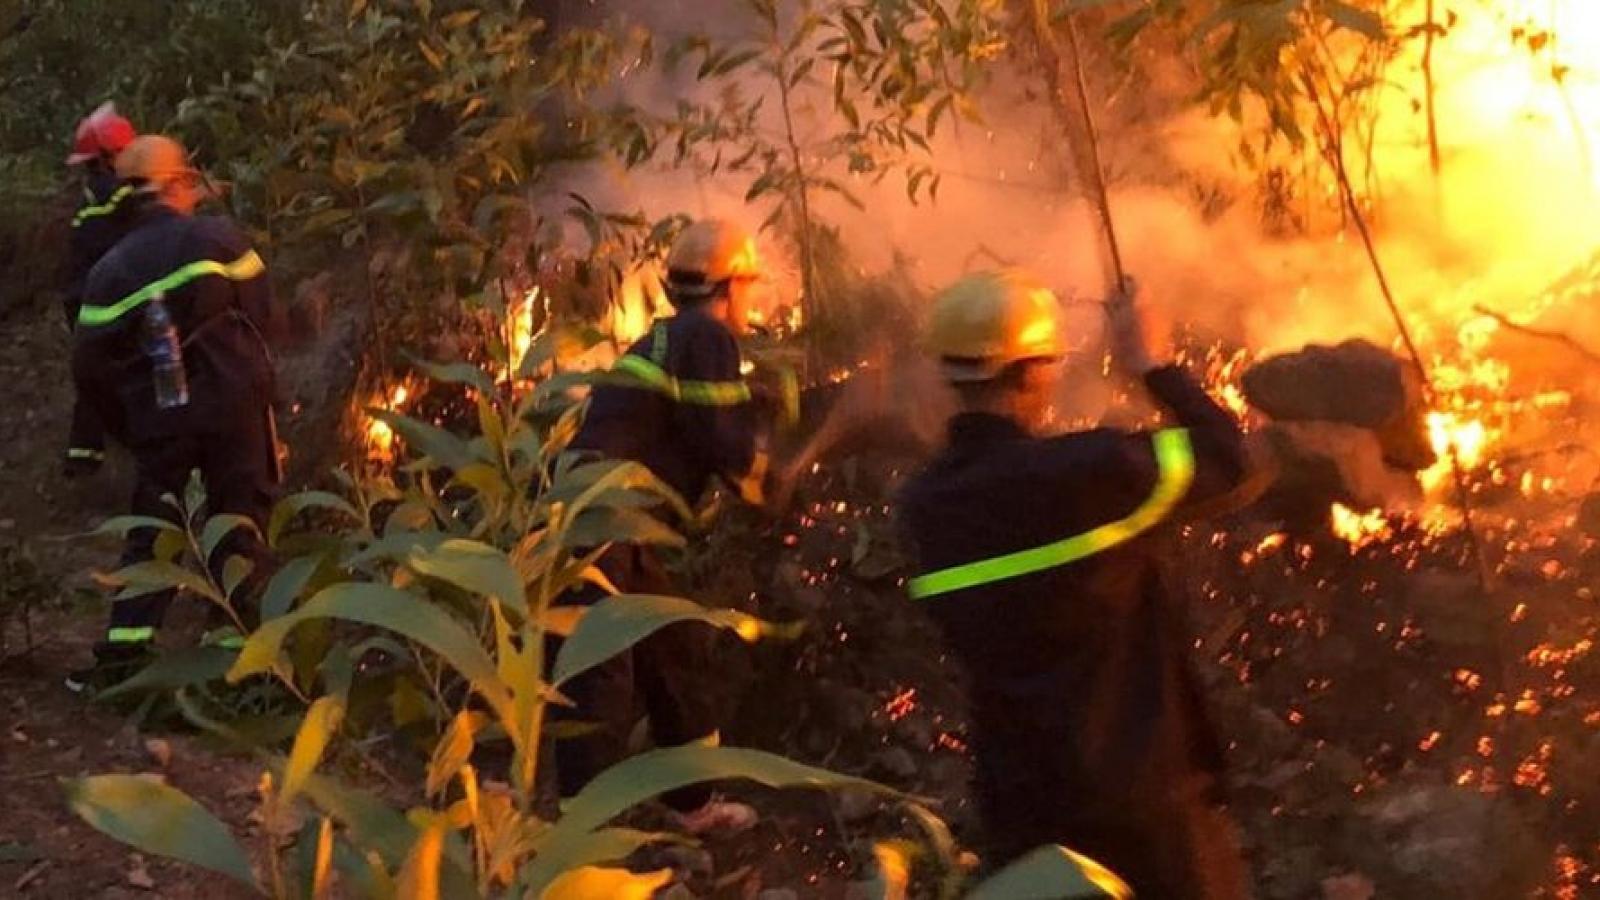 Nguy cơ bùng phát cháy rừng cao do nắng nóng gay gắt ở Nghệ An